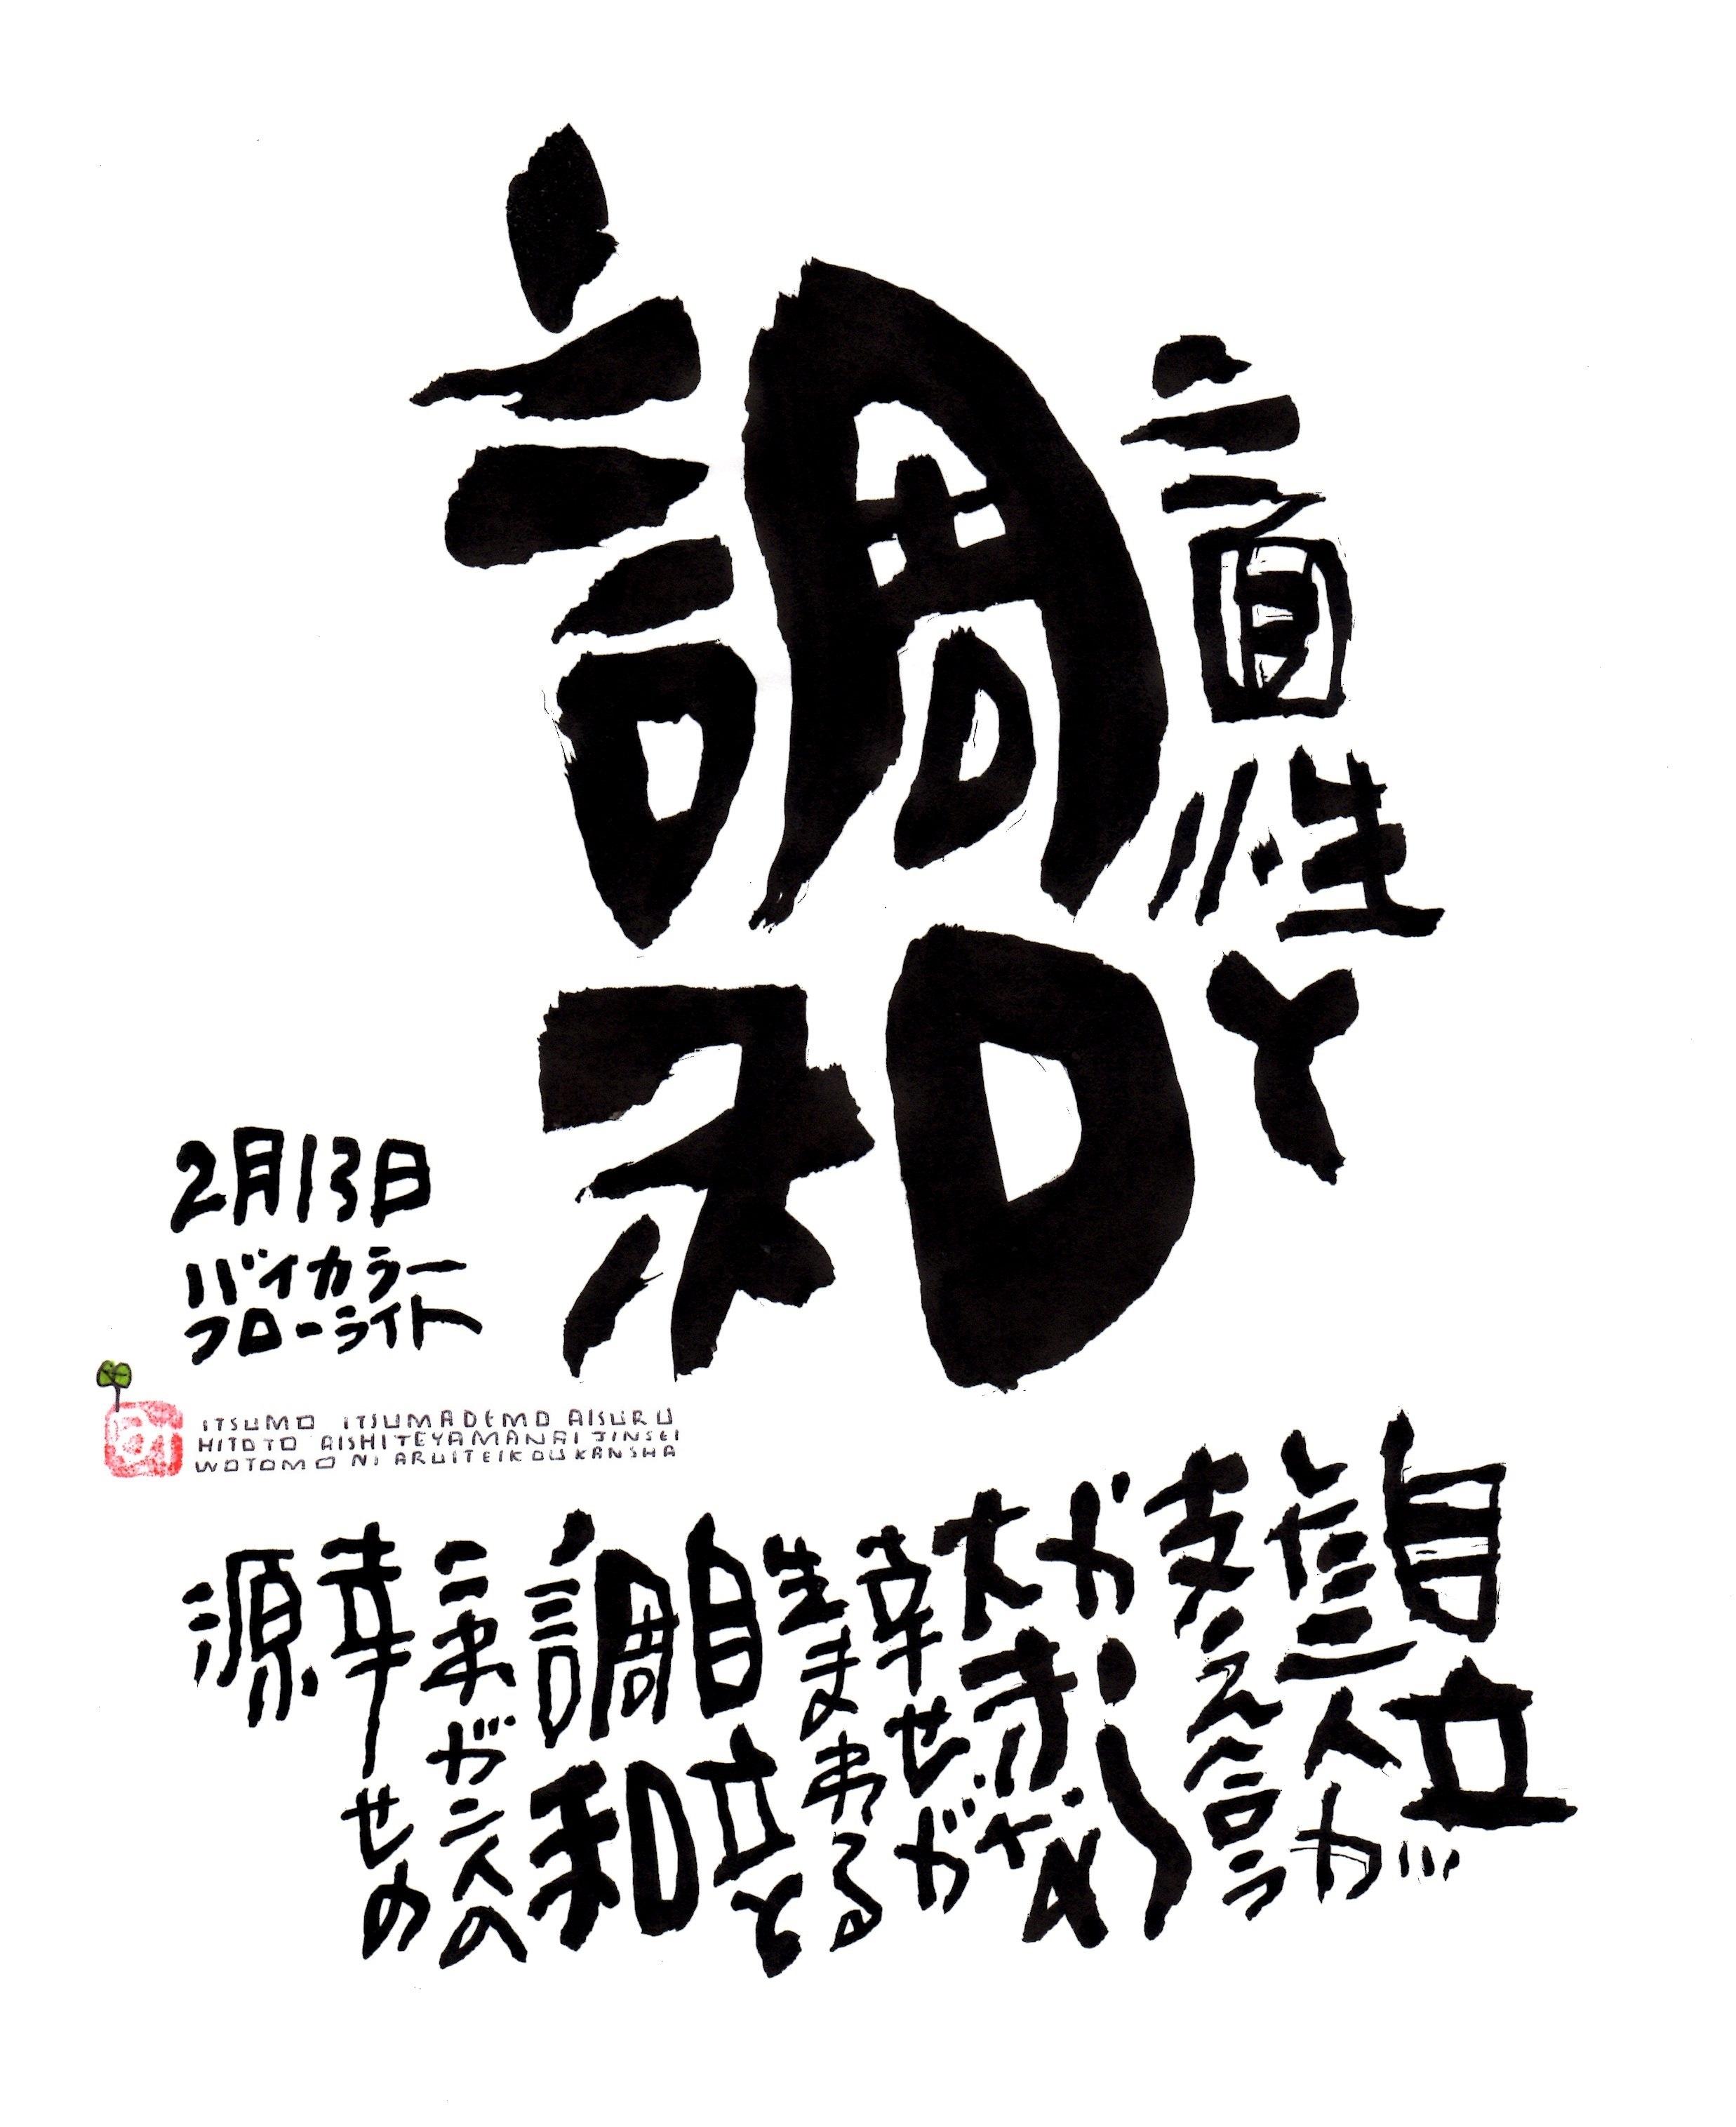 2月13日 結婚記念日ポストカード【二面性と調和】